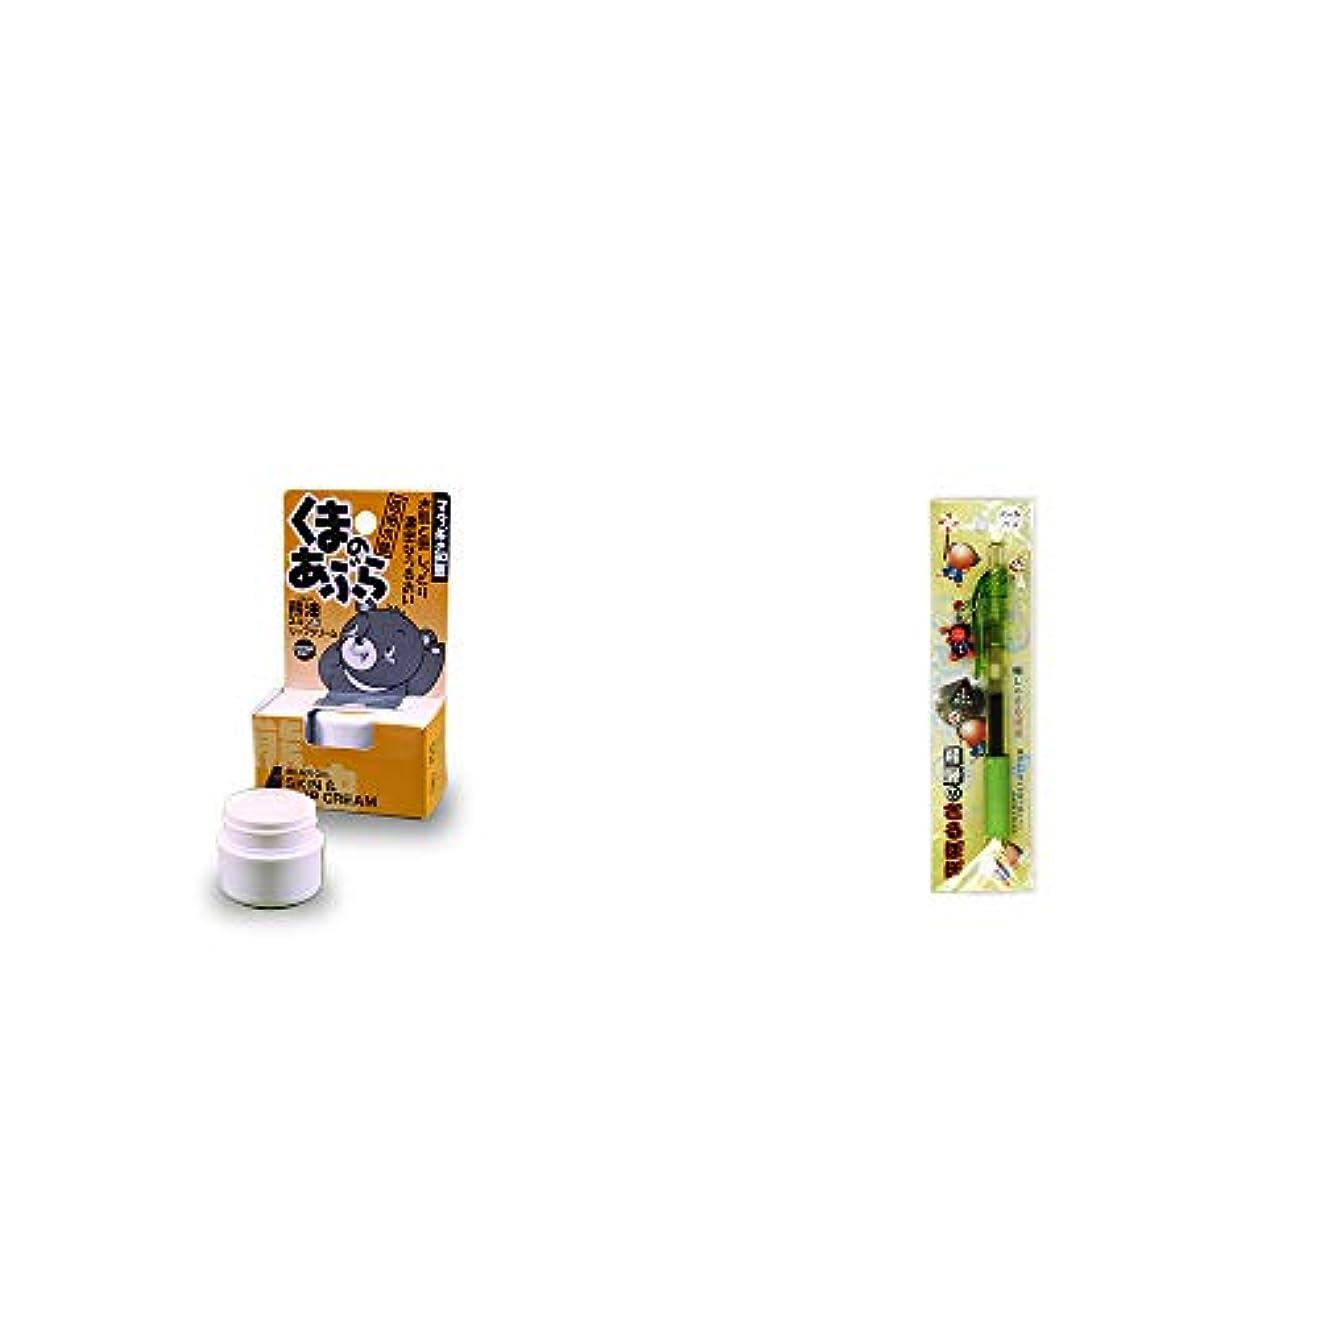 ブランチ怪しい膨らみ[2点セット] 信州木曽 くまのあぶら 熊油スキン&リップクリーム(9g)?さるぼぼ 癒しボールペン 【グリーン】